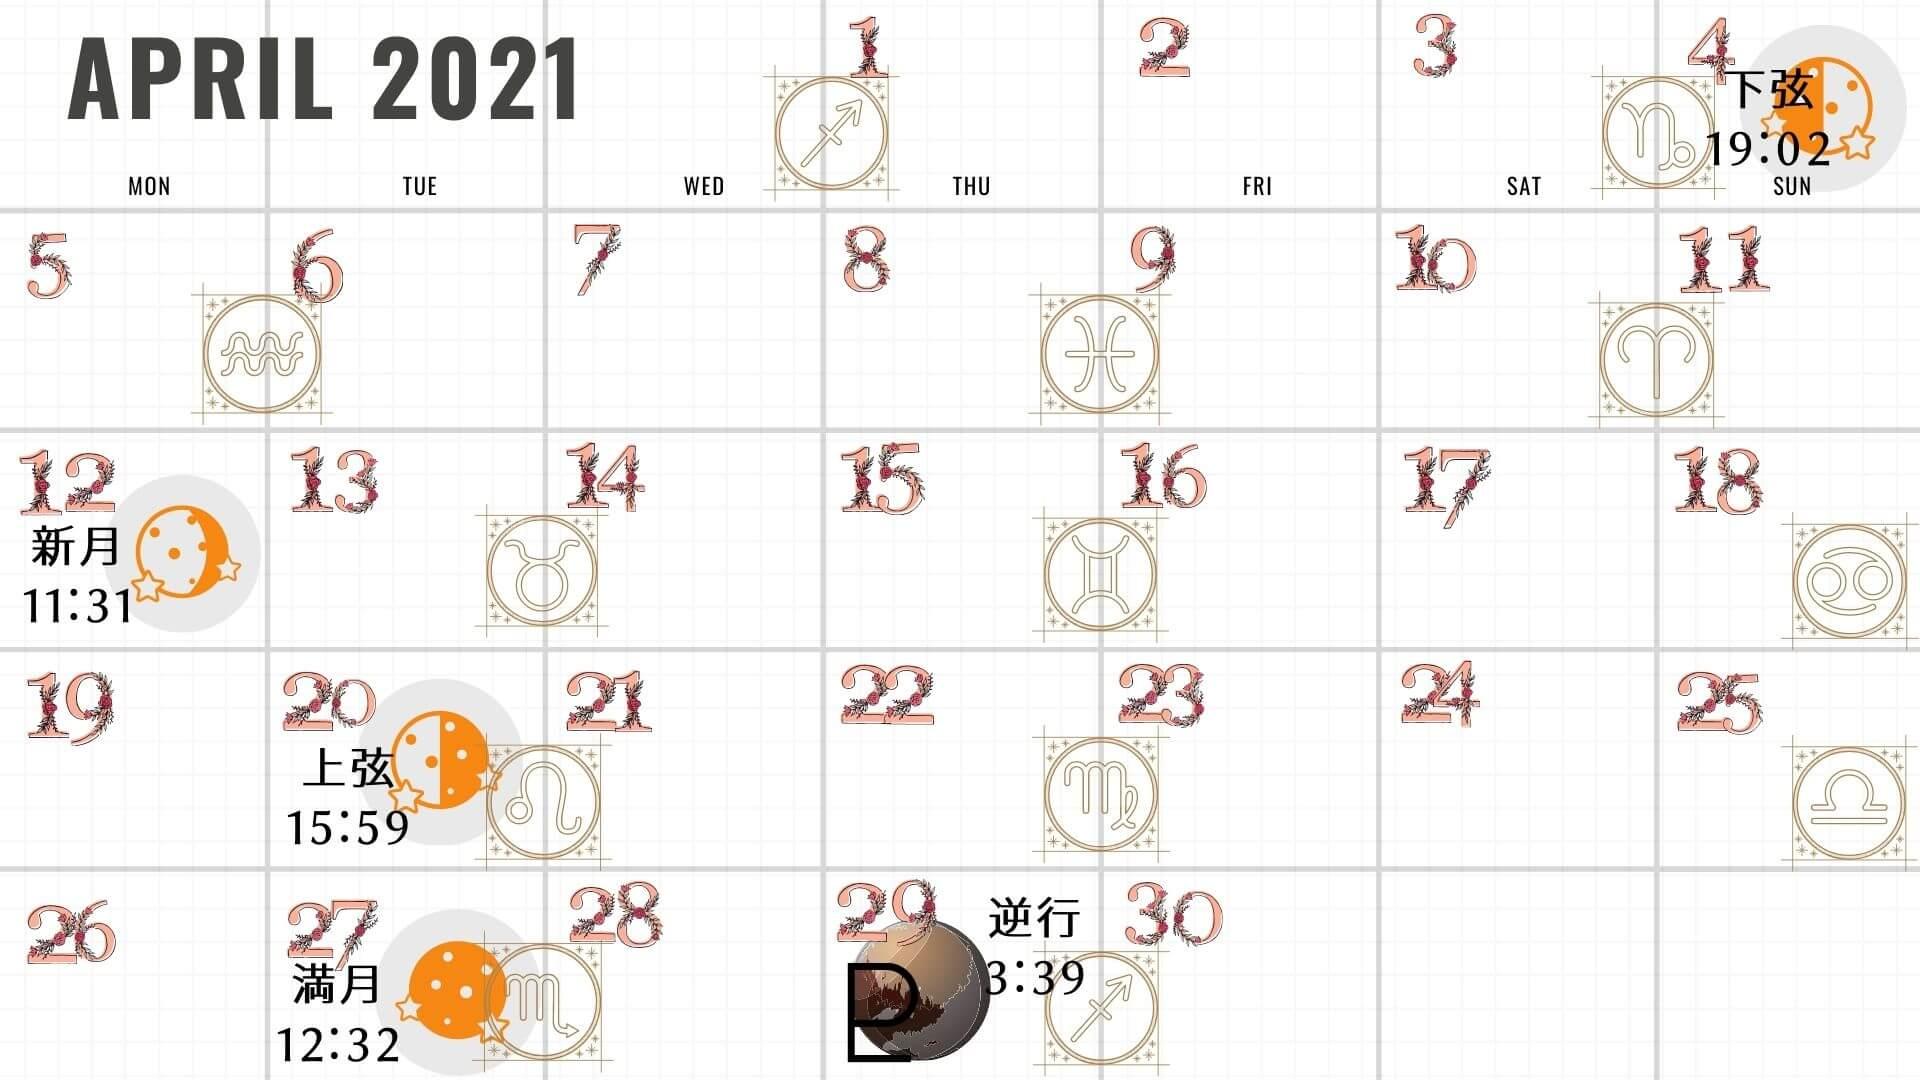 4月の占星術カレンダー